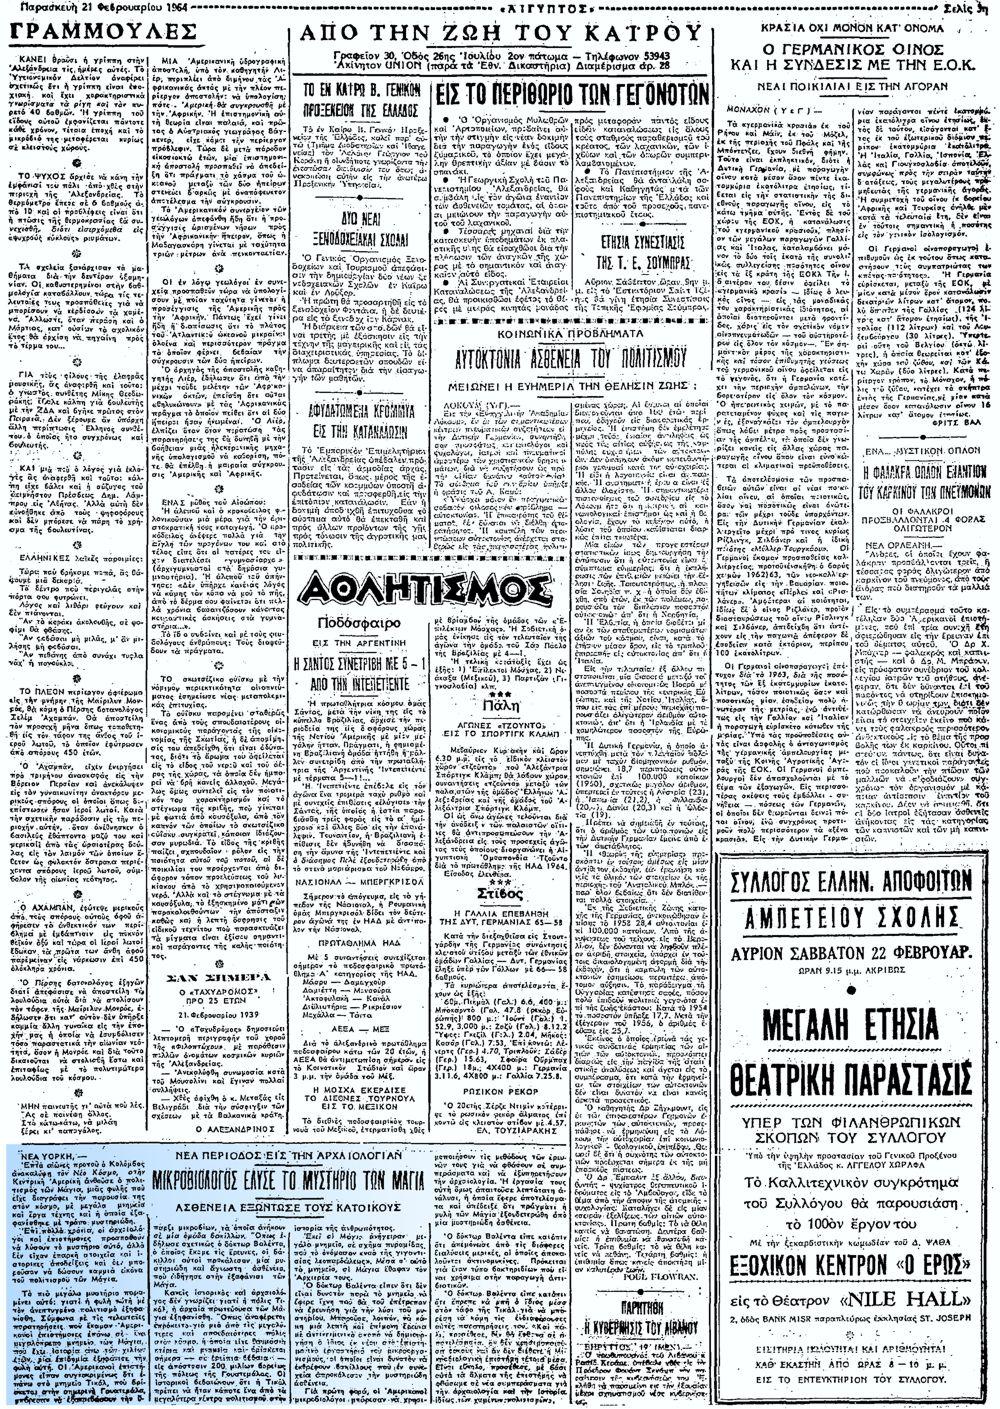 """Το άρθρο, όπως δημοσιεύθηκε στην εφημερίδα """"ΤΑΧΥΔΡΟΜΟΣ"""", στις 21/02/1964"""